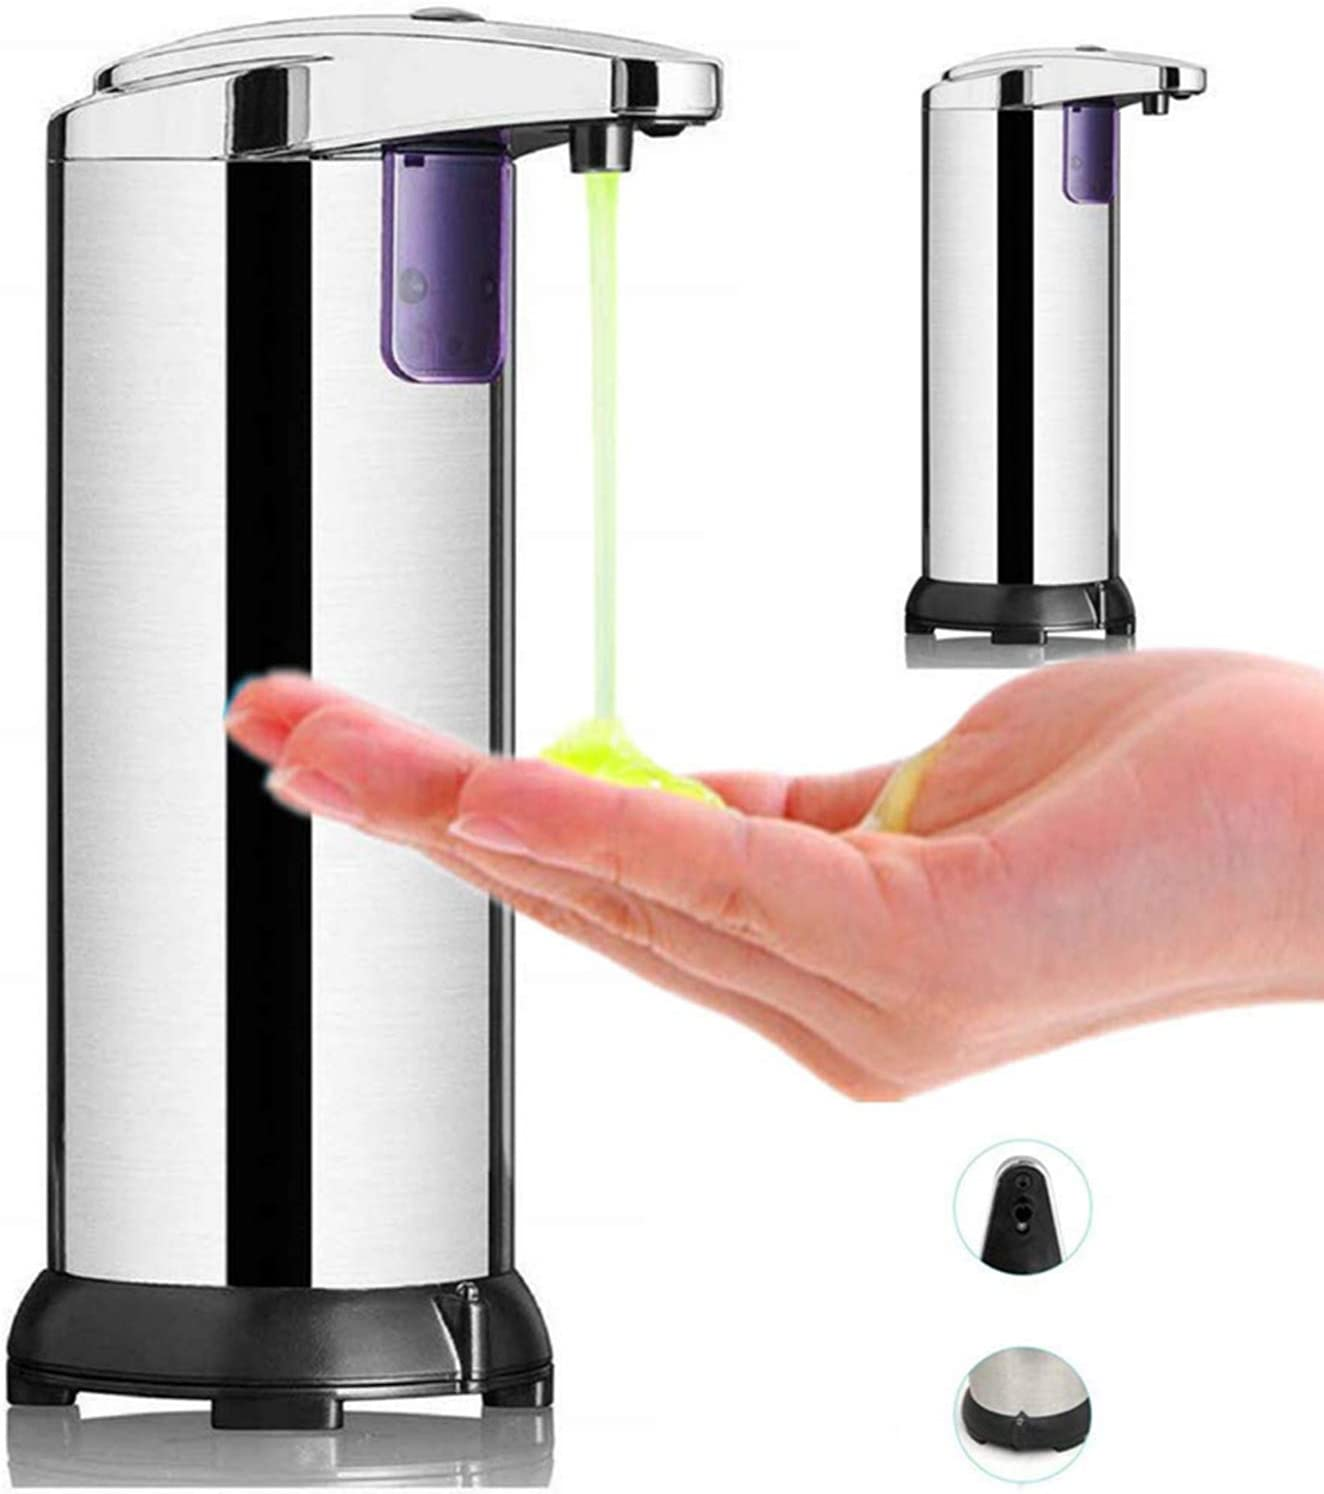 HJ Dispensador de Jabón Automático de Acero Inoxidable, Sensor de Movimiento por Infrarrojos, Base Impermeable, Interruptor Ajustable, para Baño, Cocinas, Hotel, Jabón Líquido, Champú, Loción, etc.: Amazon.es: Hogar